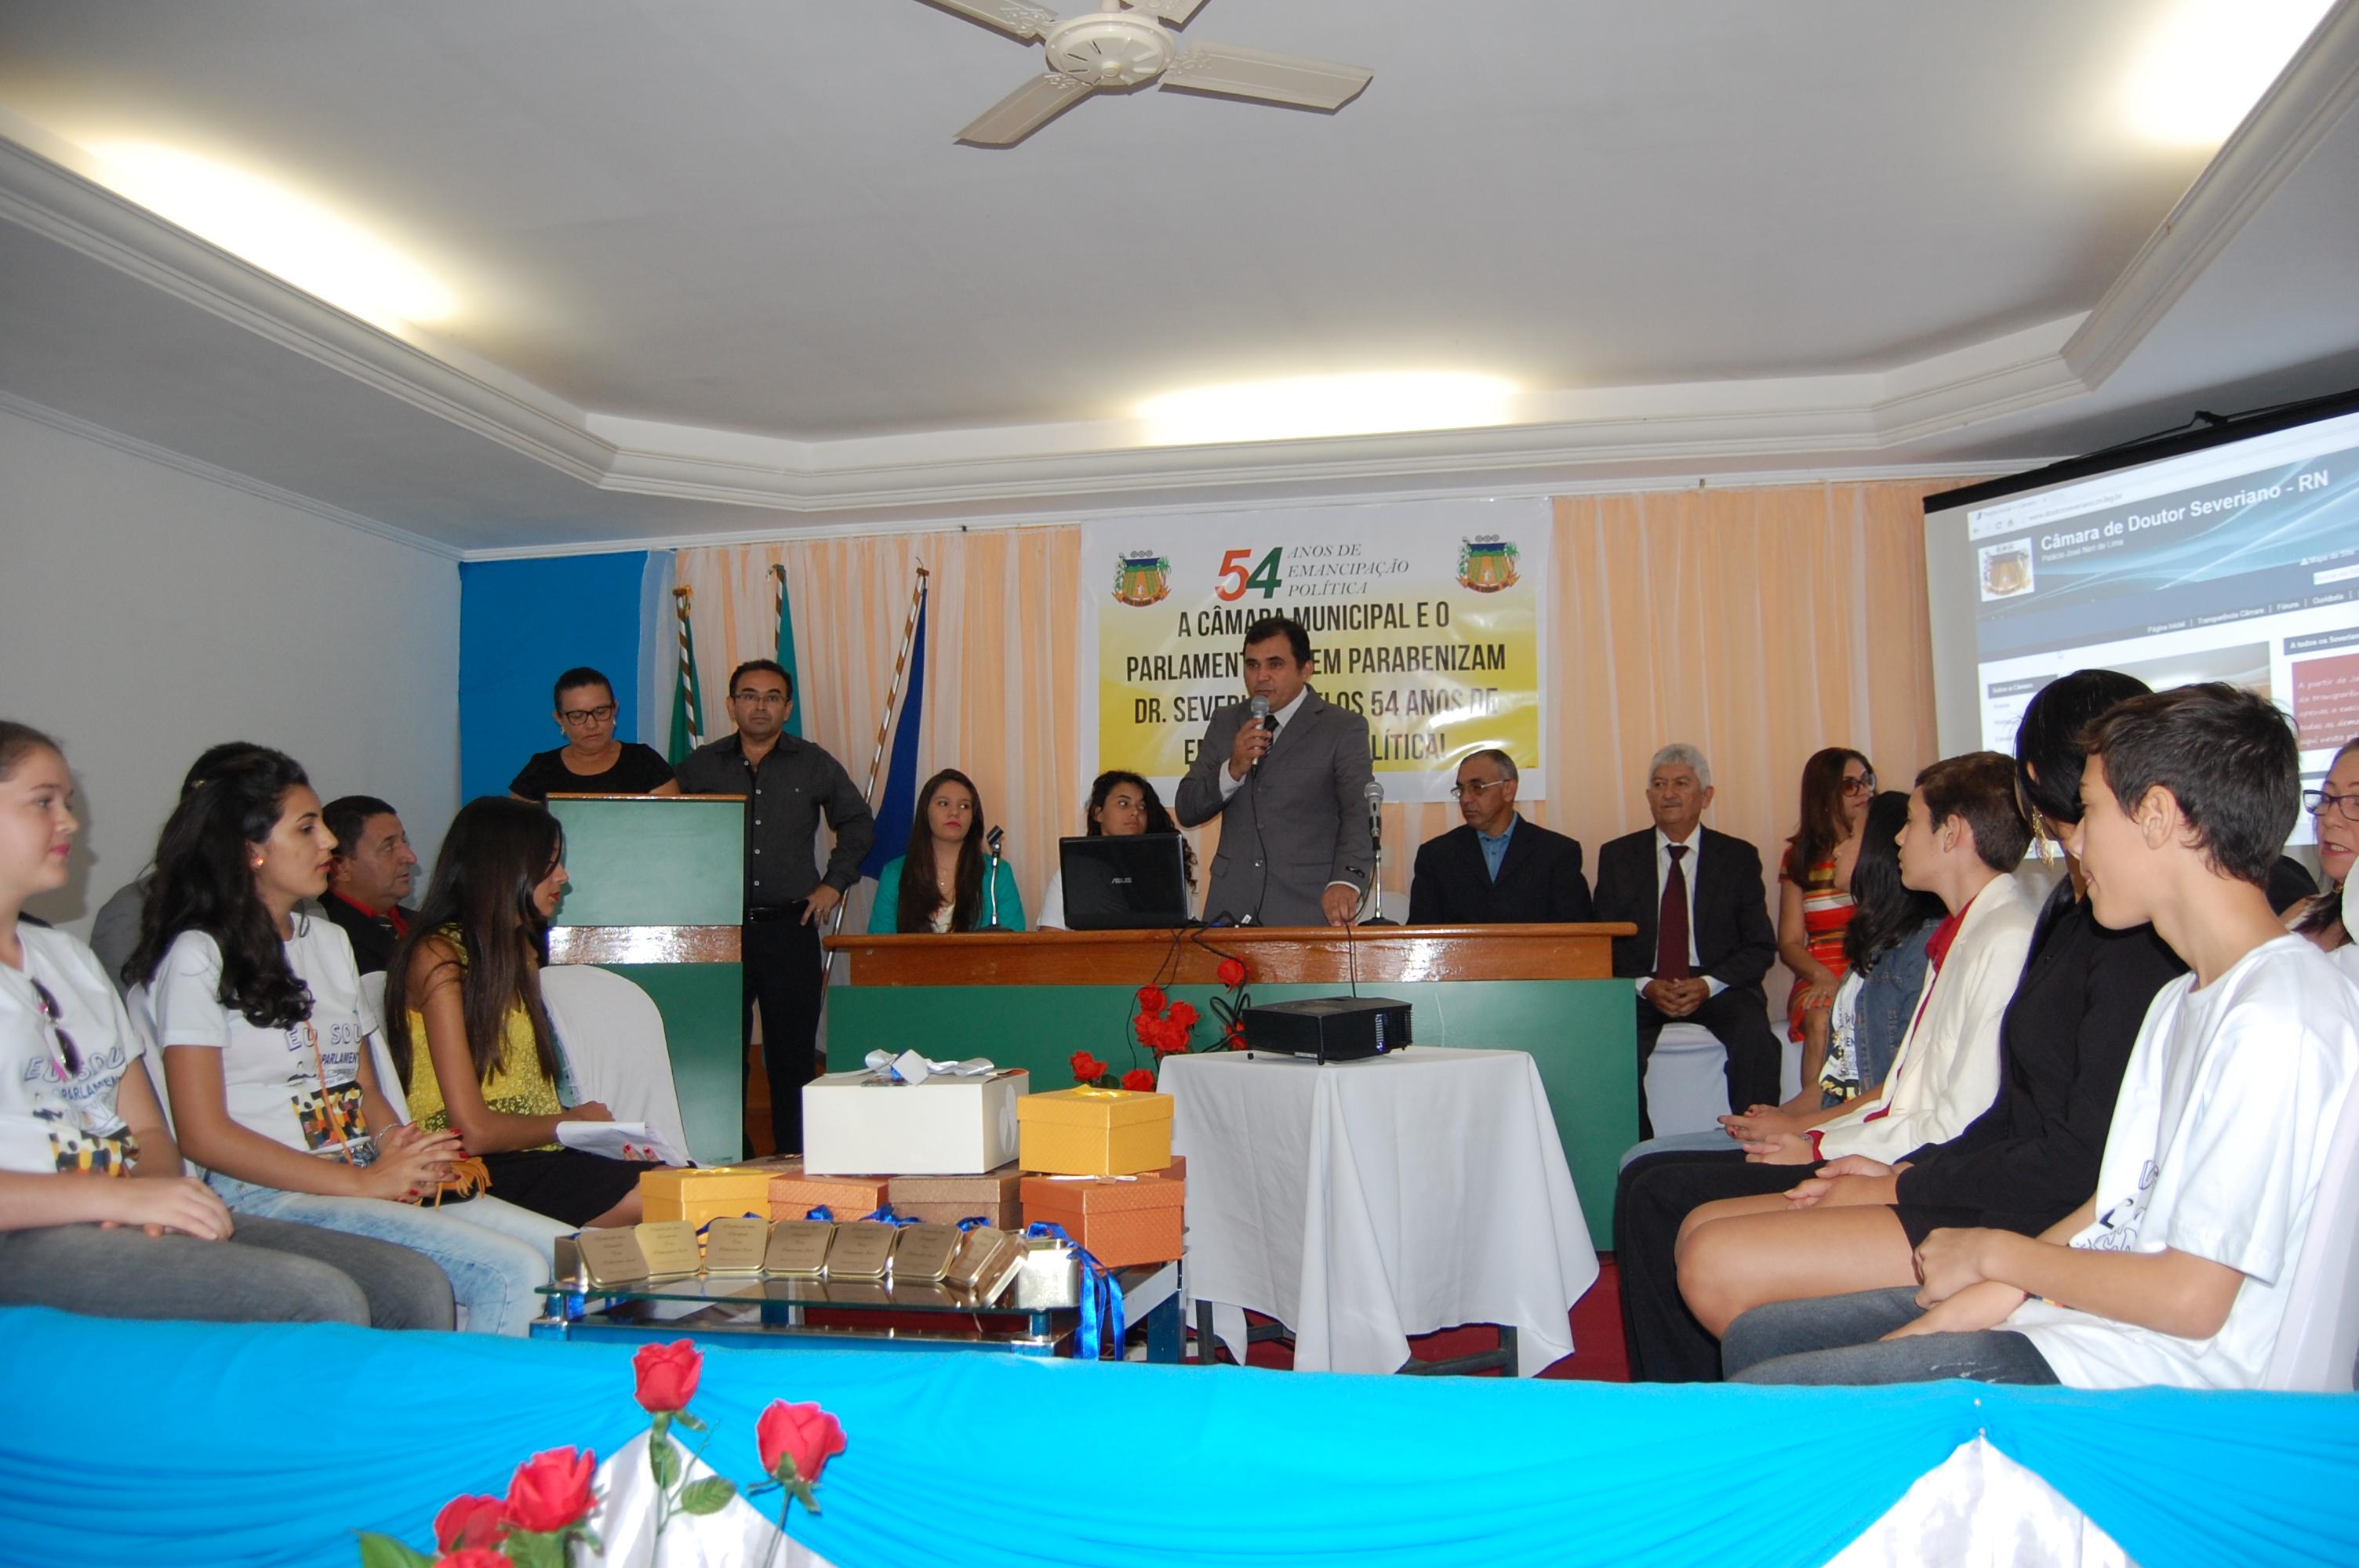 Sessão Solene: 54 anos de Emancipação Política de Doutor Severiano